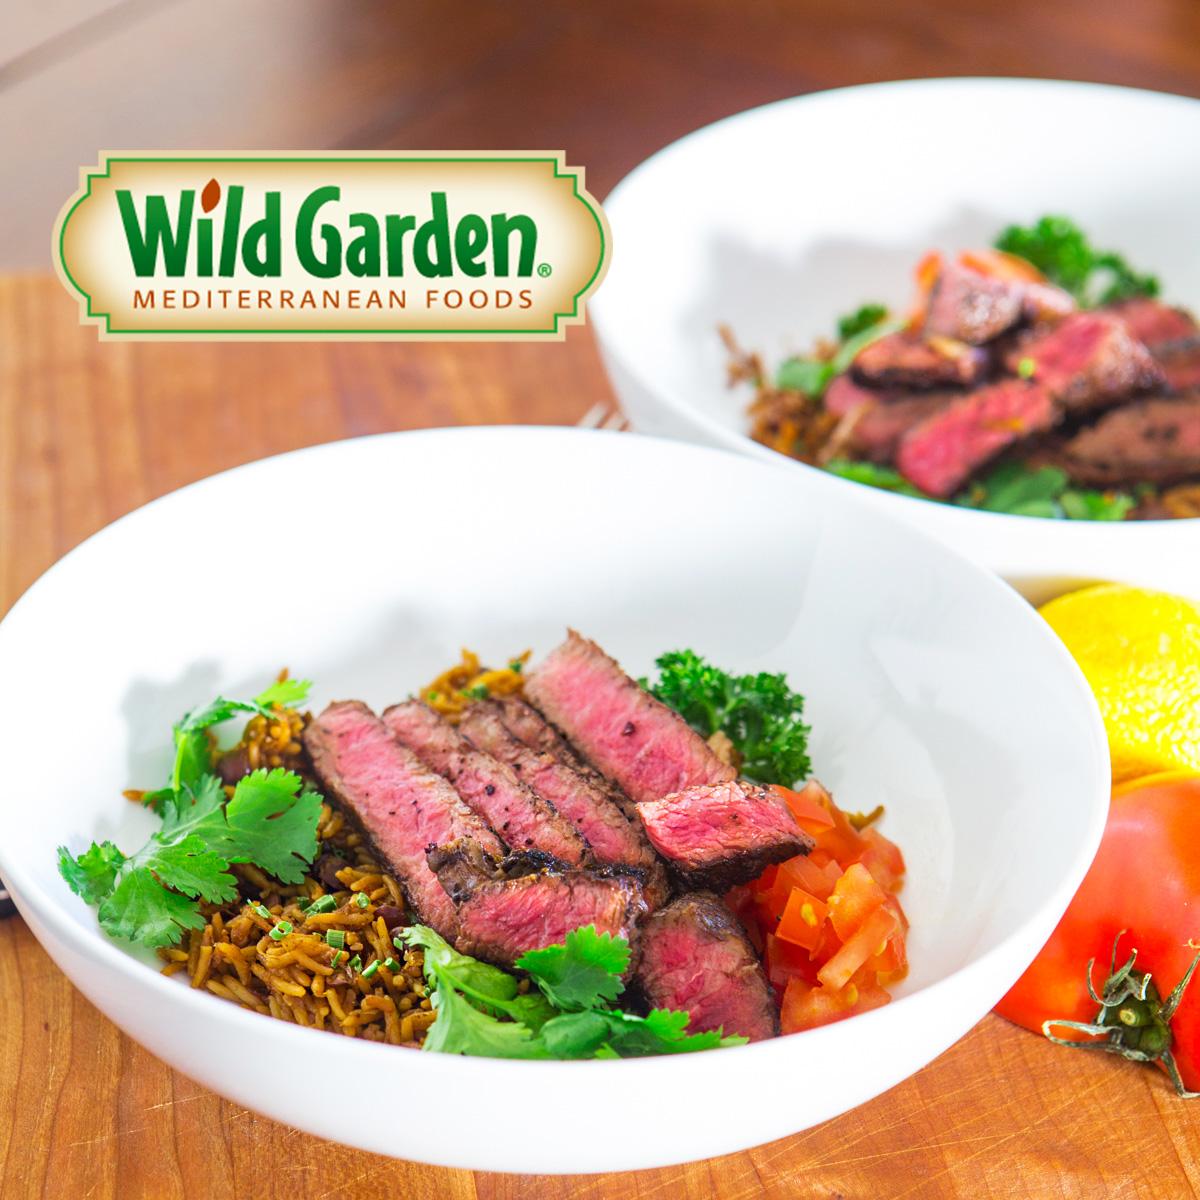 Wild Garden Taste of the Mediterranean Products